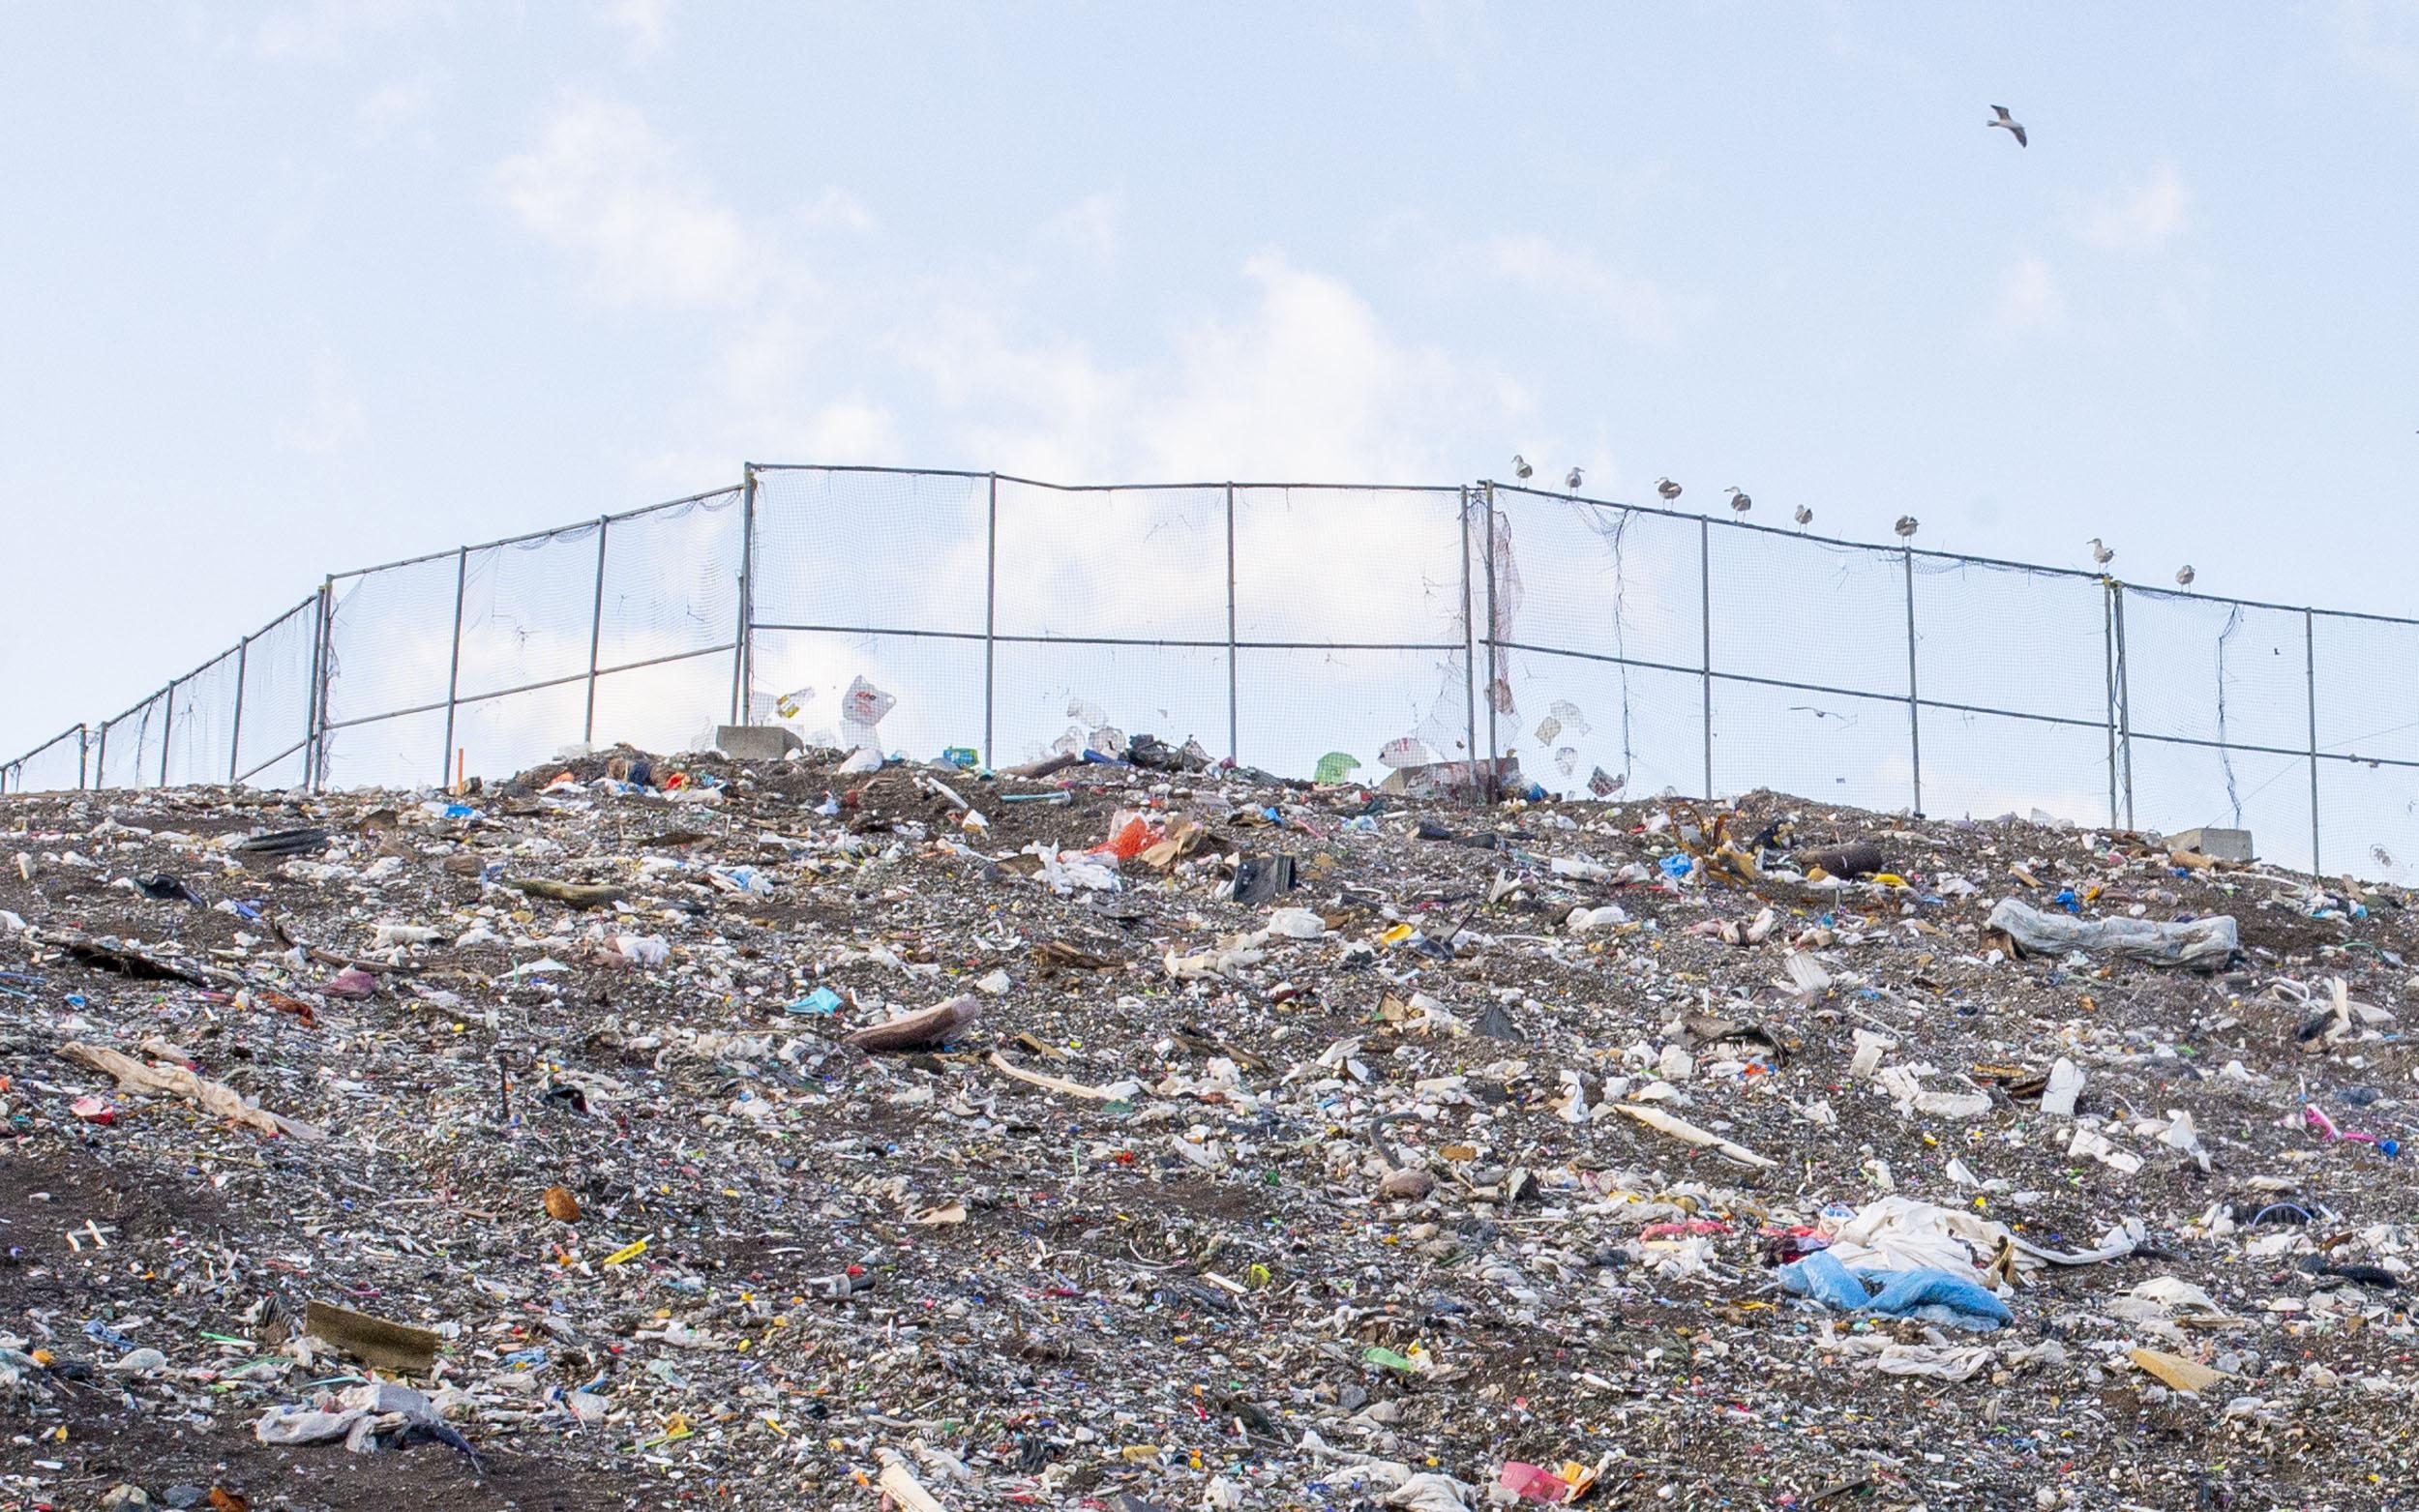 Lieu d'enfouissement technique Matane déchets décharge